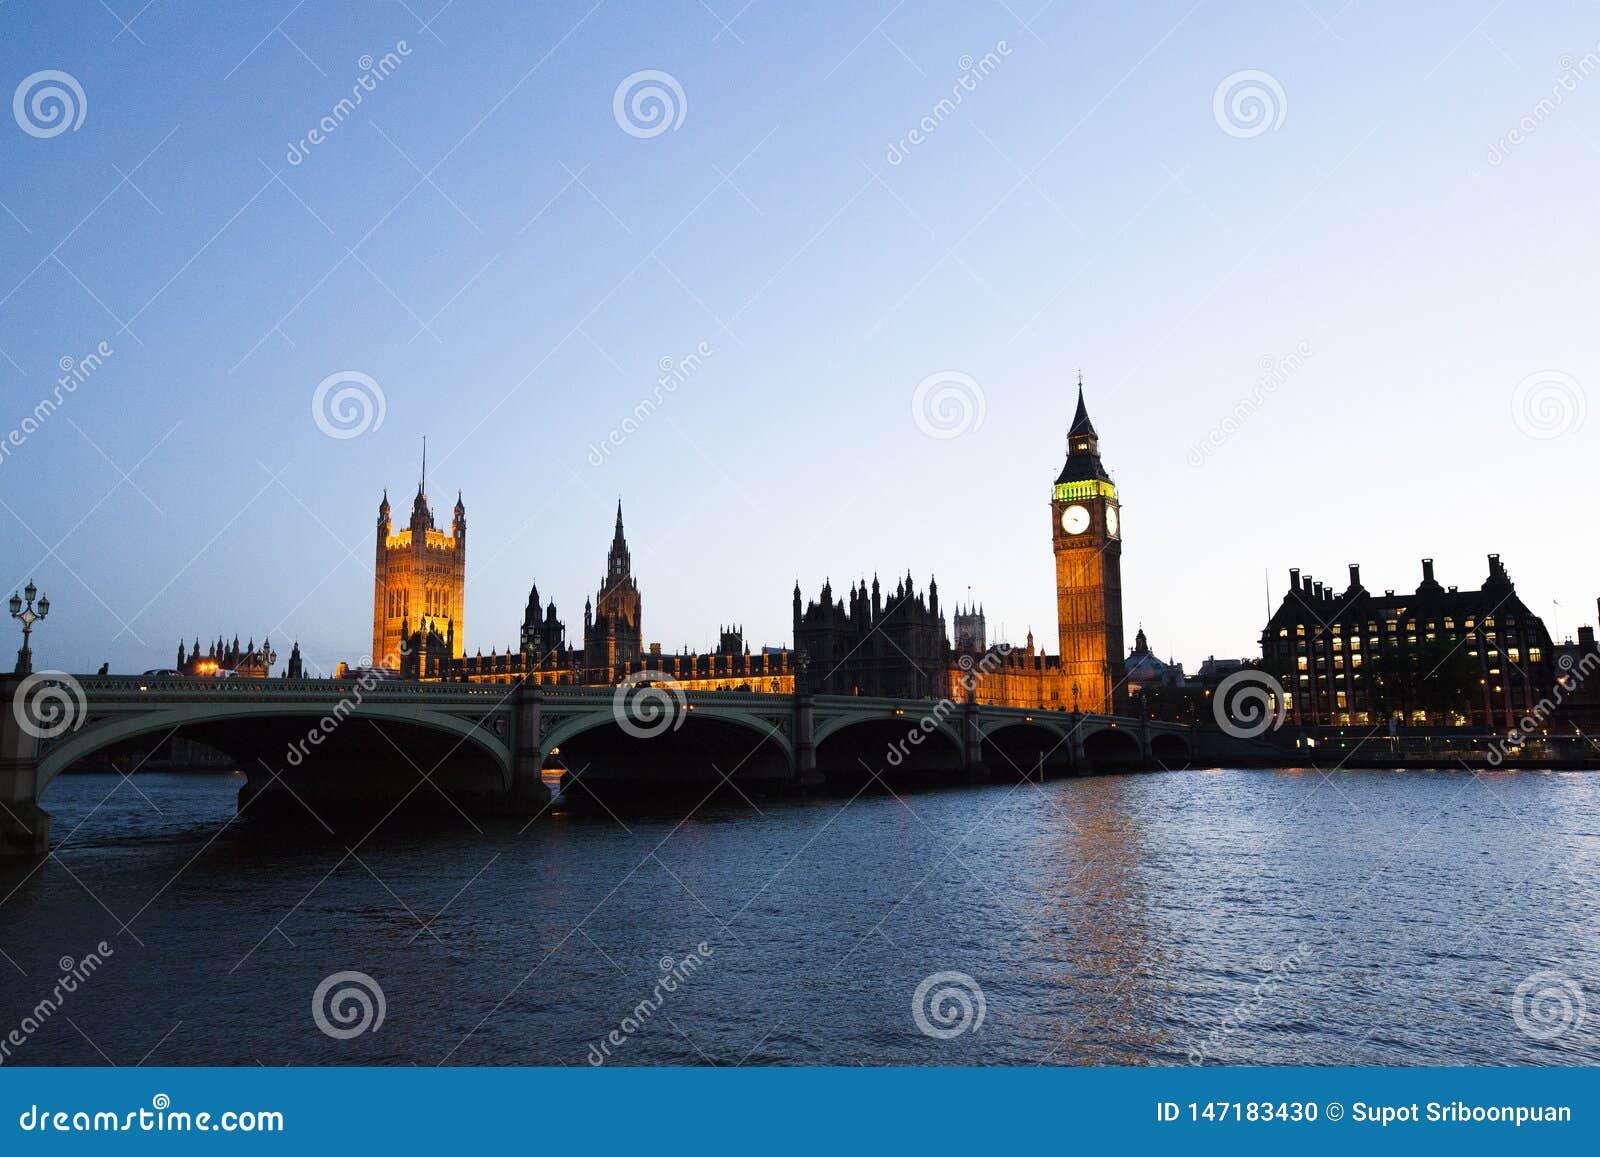 Bigben el reloj con el edificio sobre él río